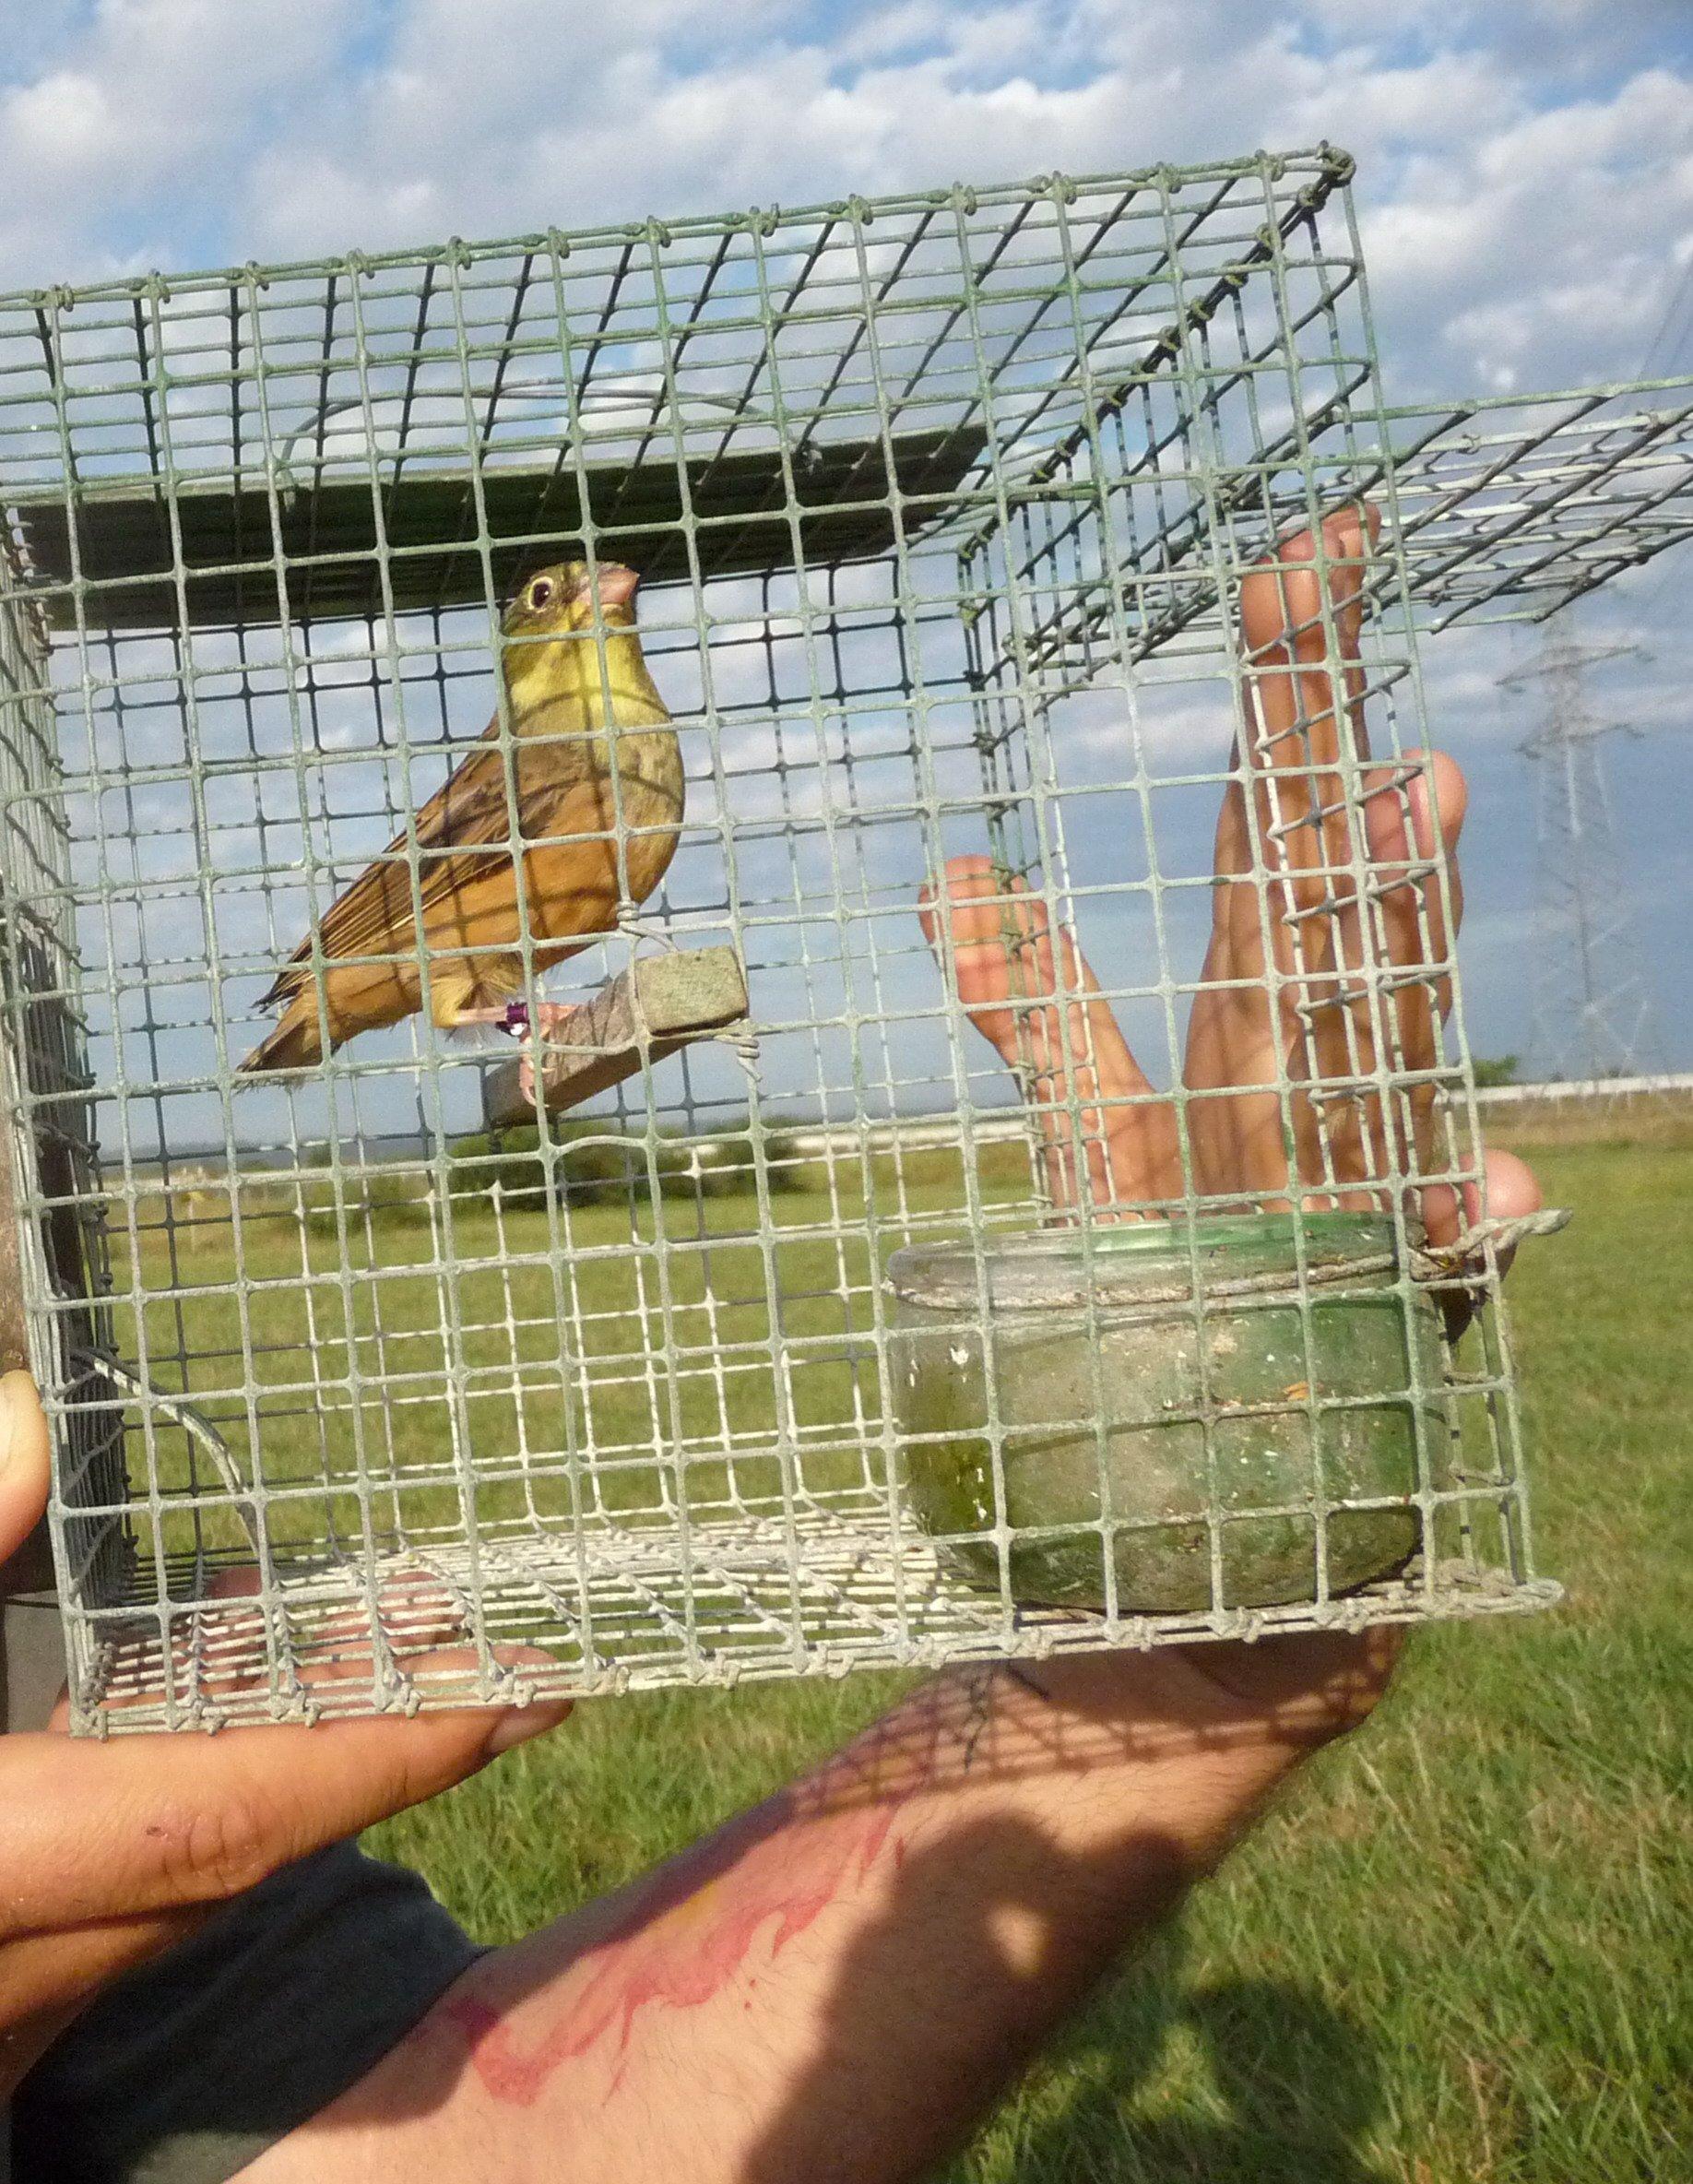 Ein illegal gefangener Ortolan kurz vor seiner Freilassung durch einen Vogelschützer.